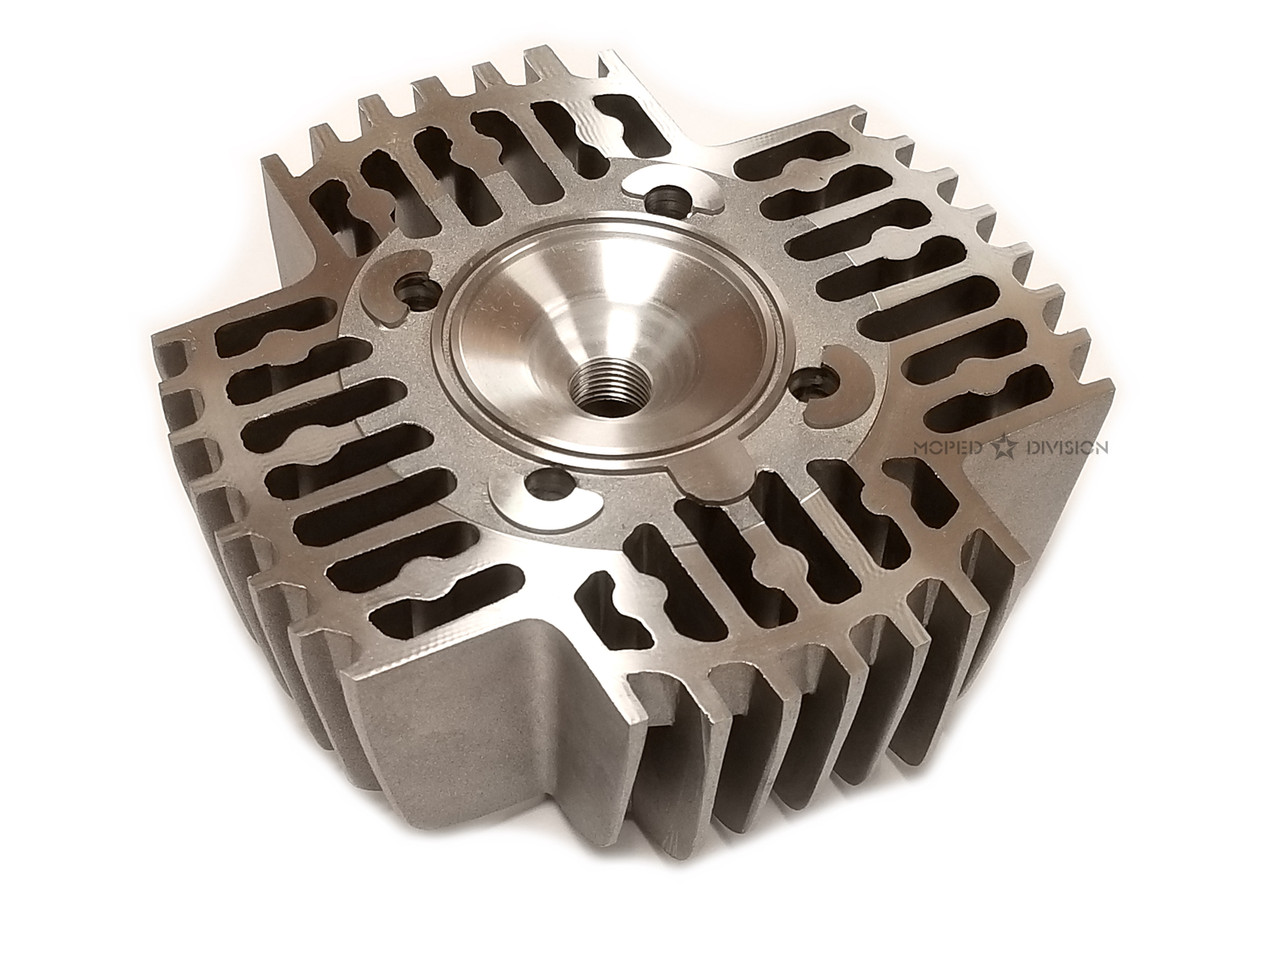 Puch / Tomos 70cc 45mm Cylinder Head